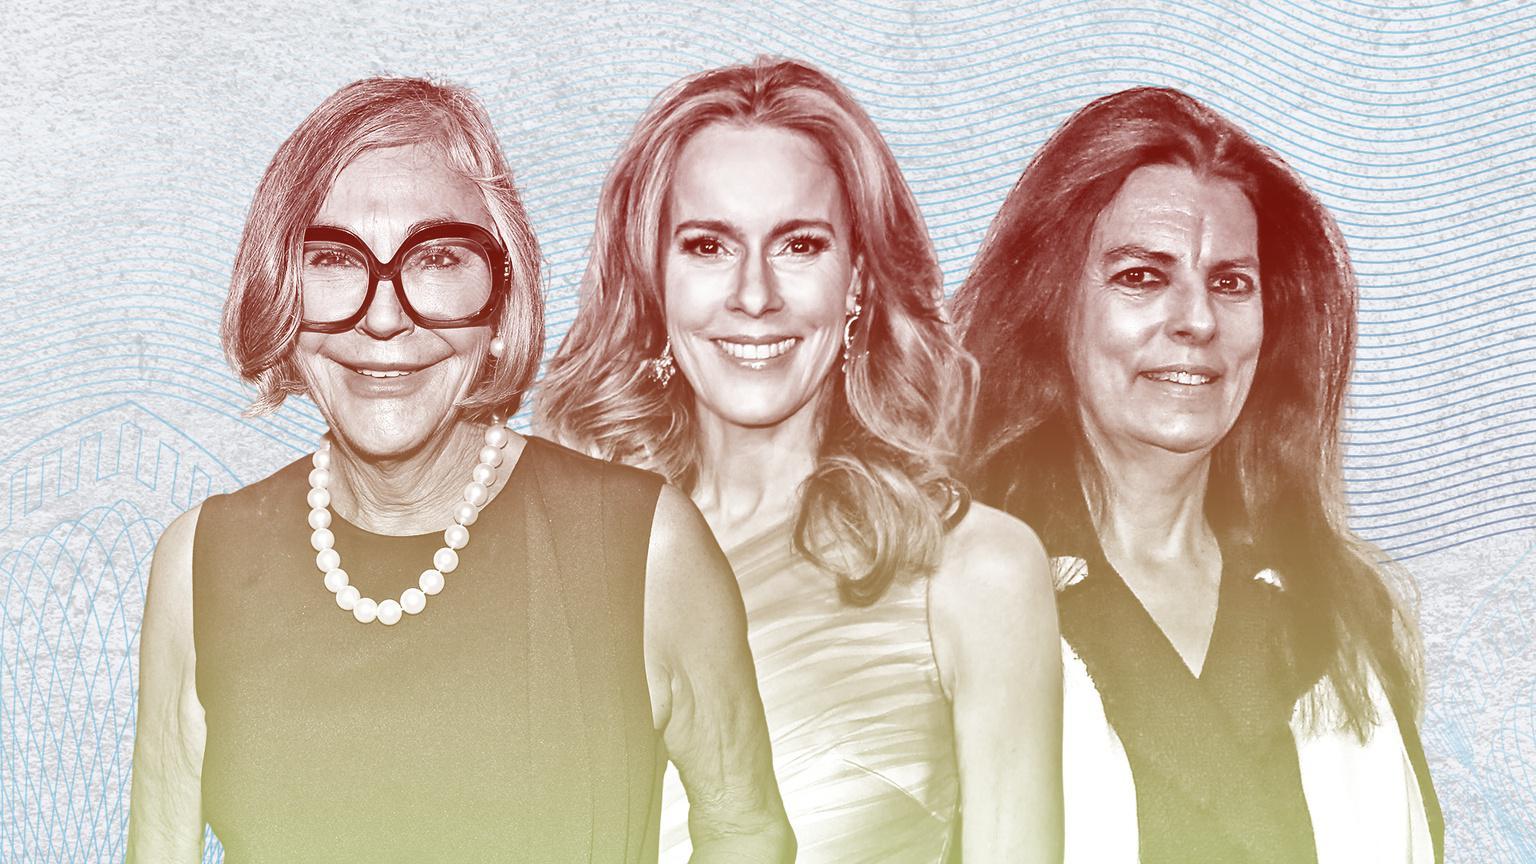 10 nữ tỷ phú giàu nhất thế giới năm 2021: Người thừa kế L'Oréal dẫn đầu